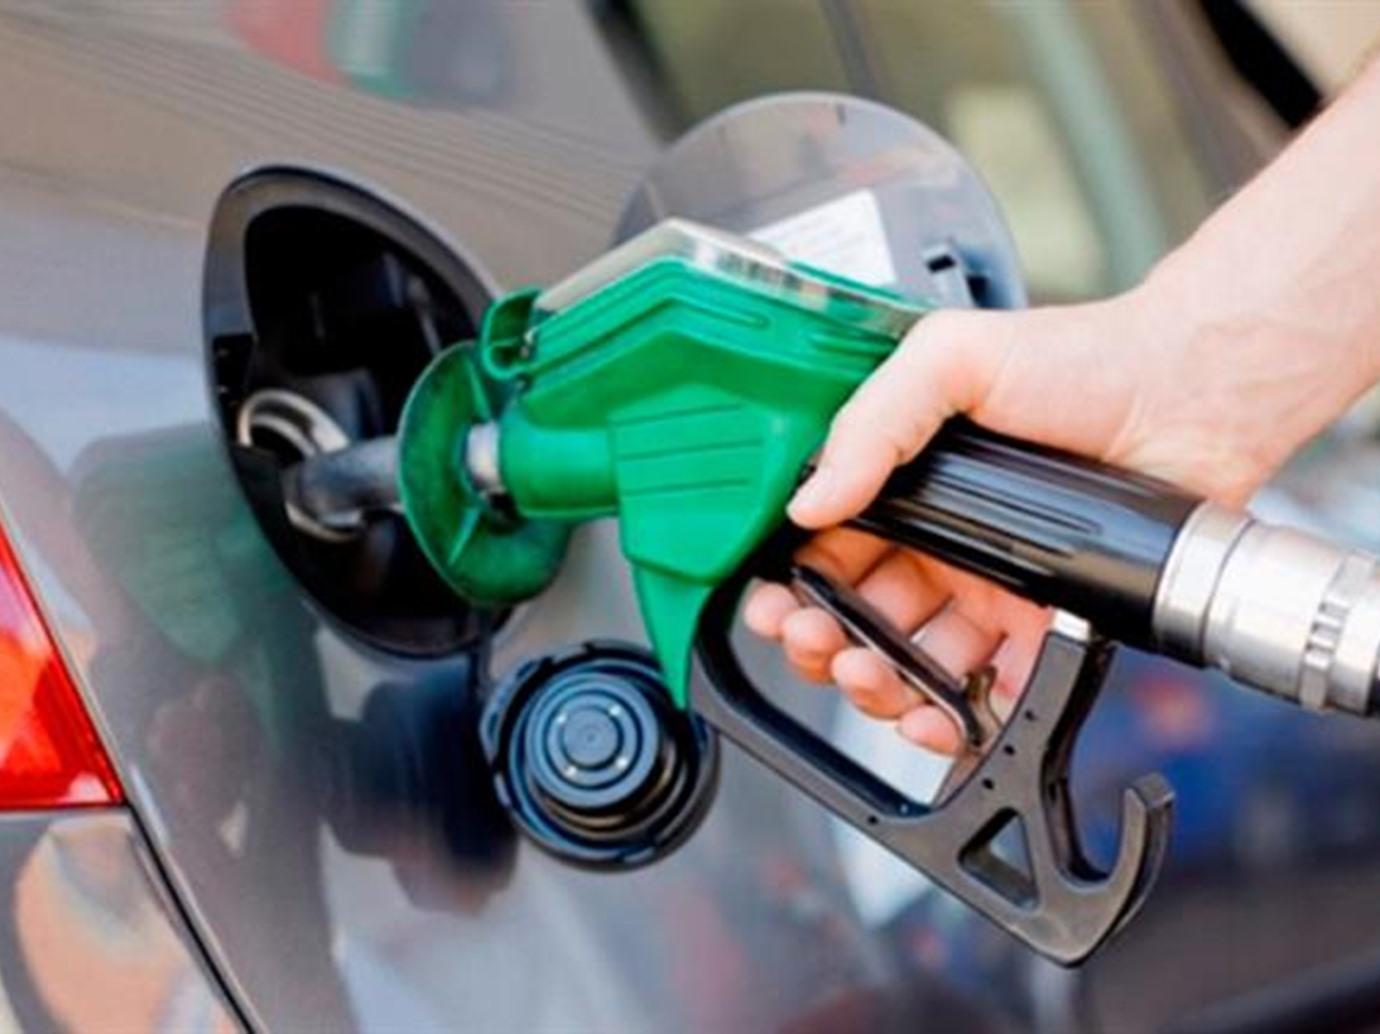 صورة أشياء تزيد استهلاك الوقود 40% وطريقة الحفاظ على البنزين